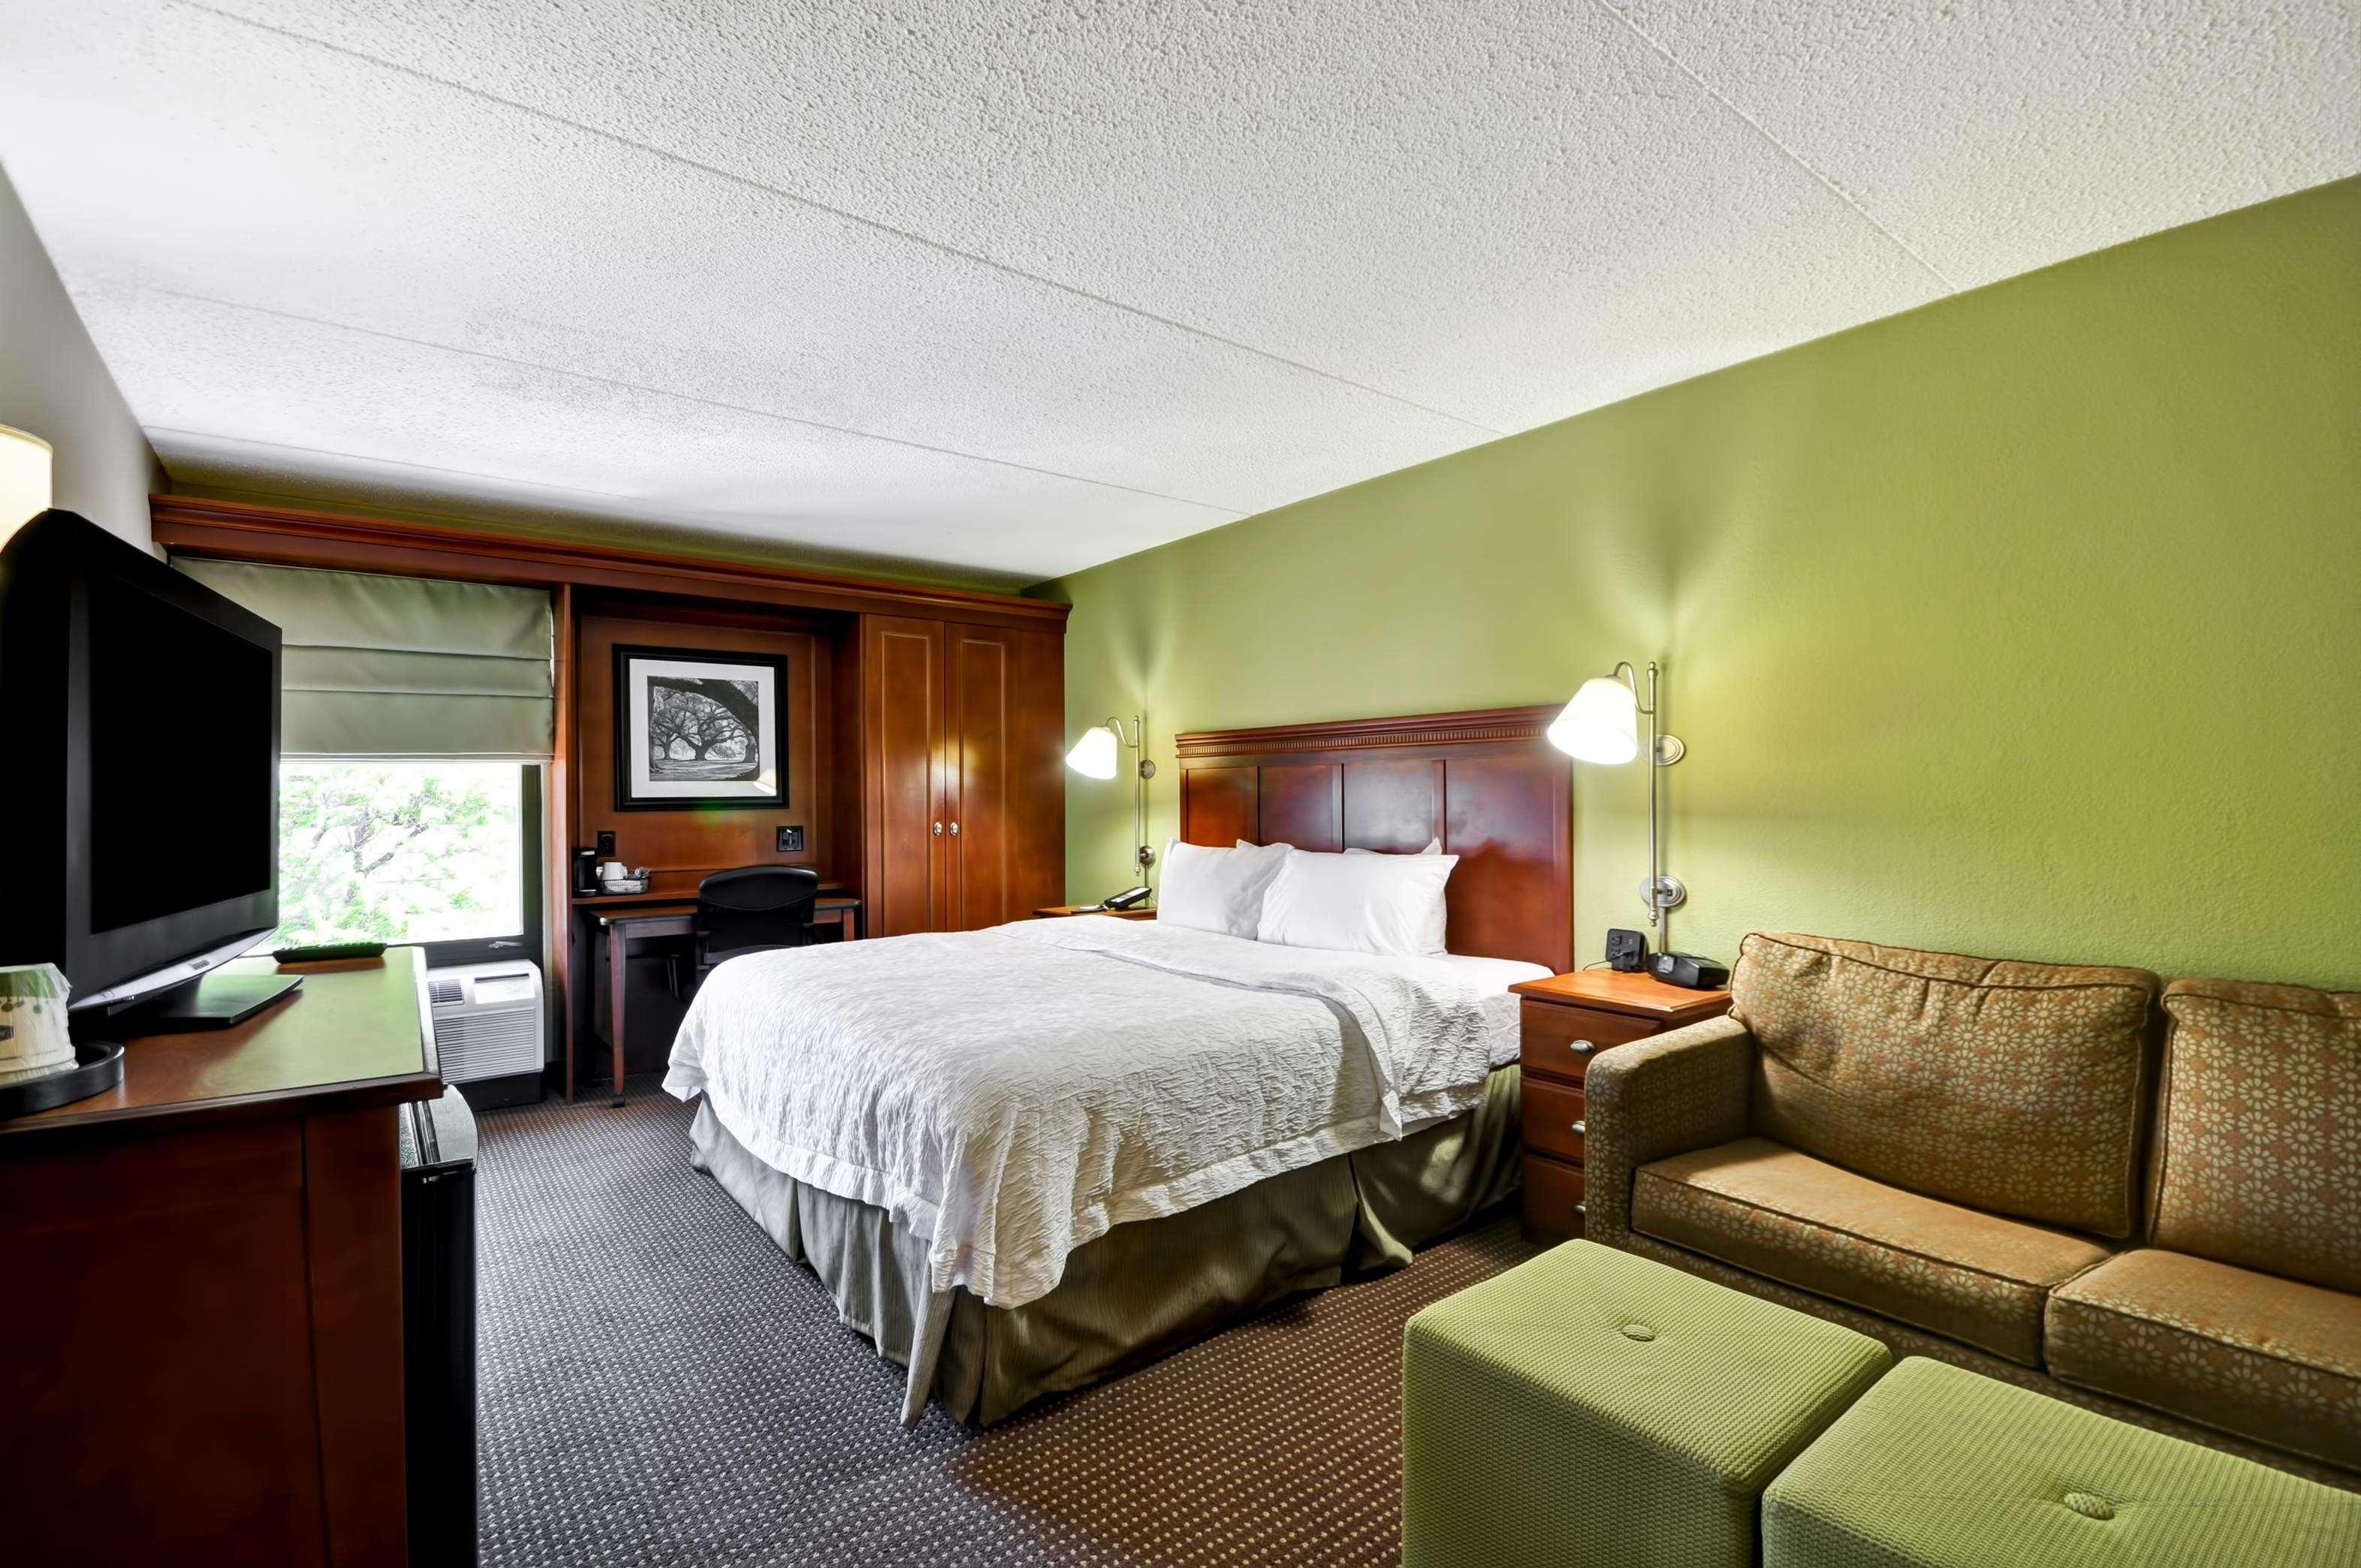 Hampton Inn St. Louis/Westport image 32